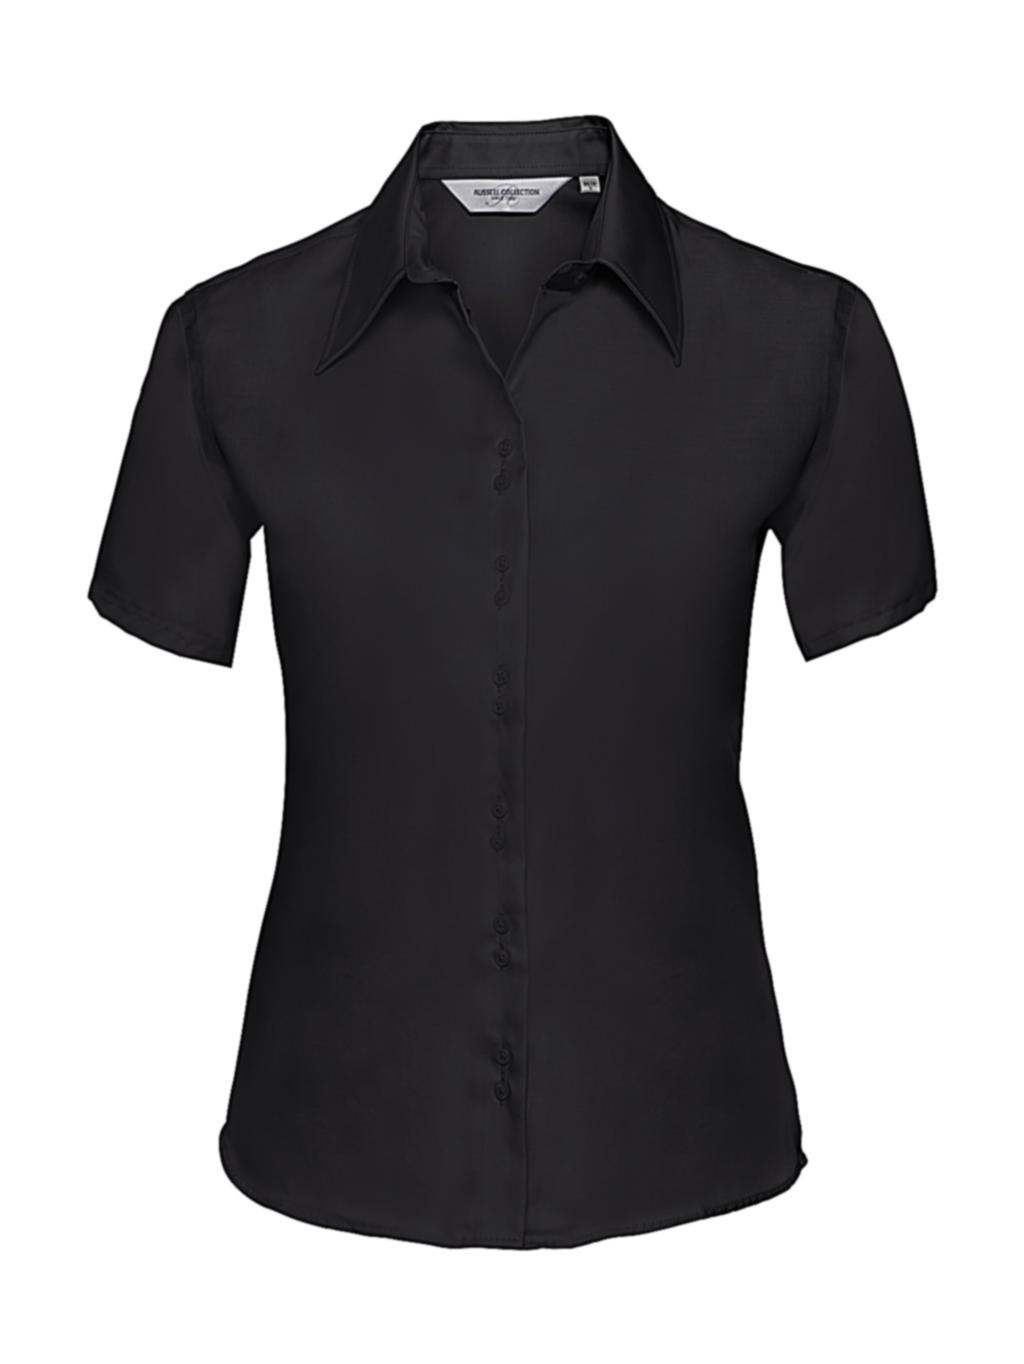 Dámská košile Ultimate Non-iron s krátkým rukávem - zvìtšit obrázek